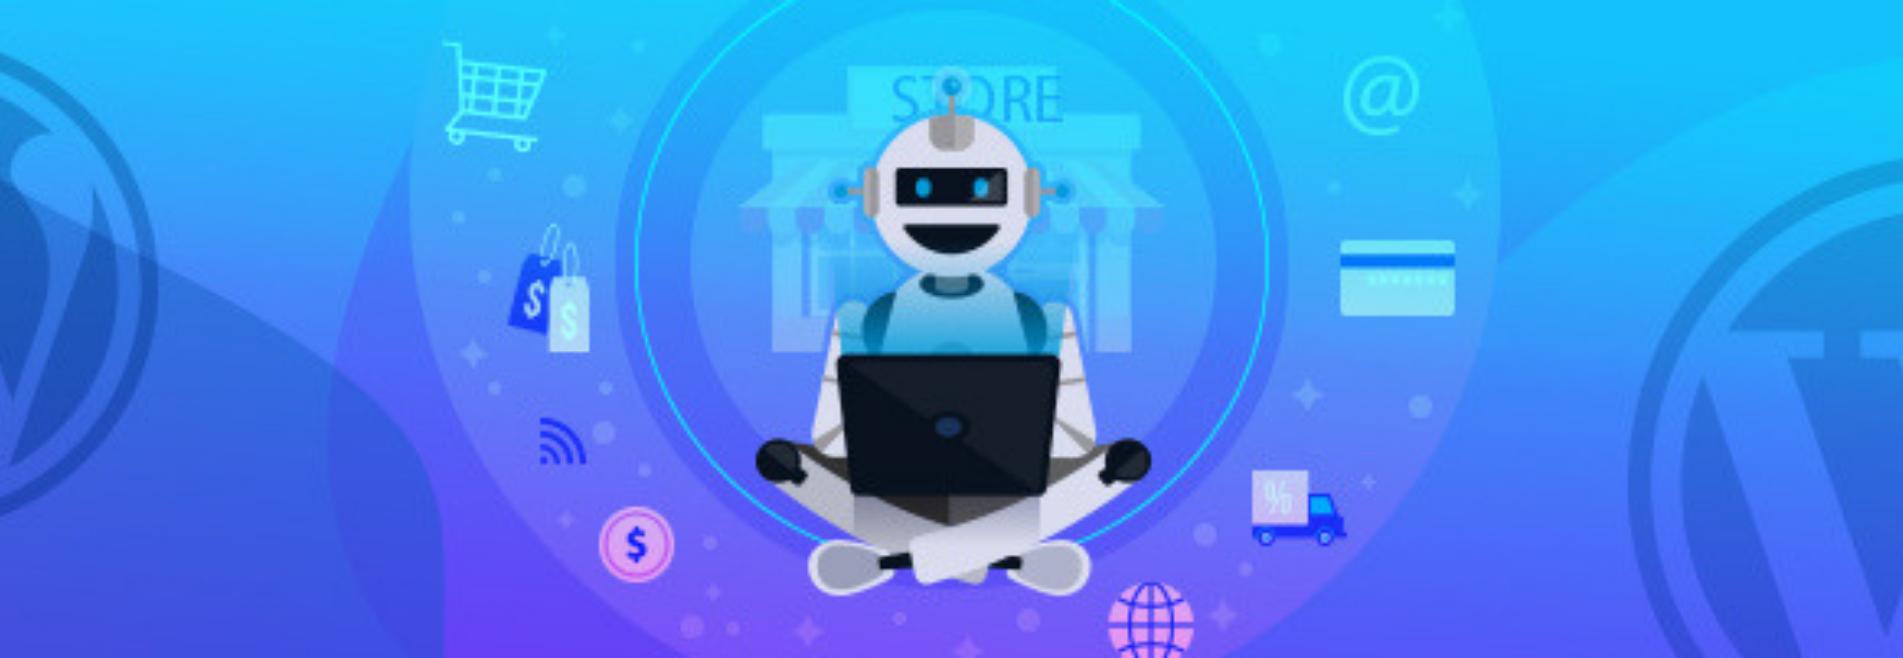 La Inteligencia Artificial permite a los especialistas en marketing brindar una experiencia única a los clientes para que se sientan más conectados, más valorados y más comprendidos.